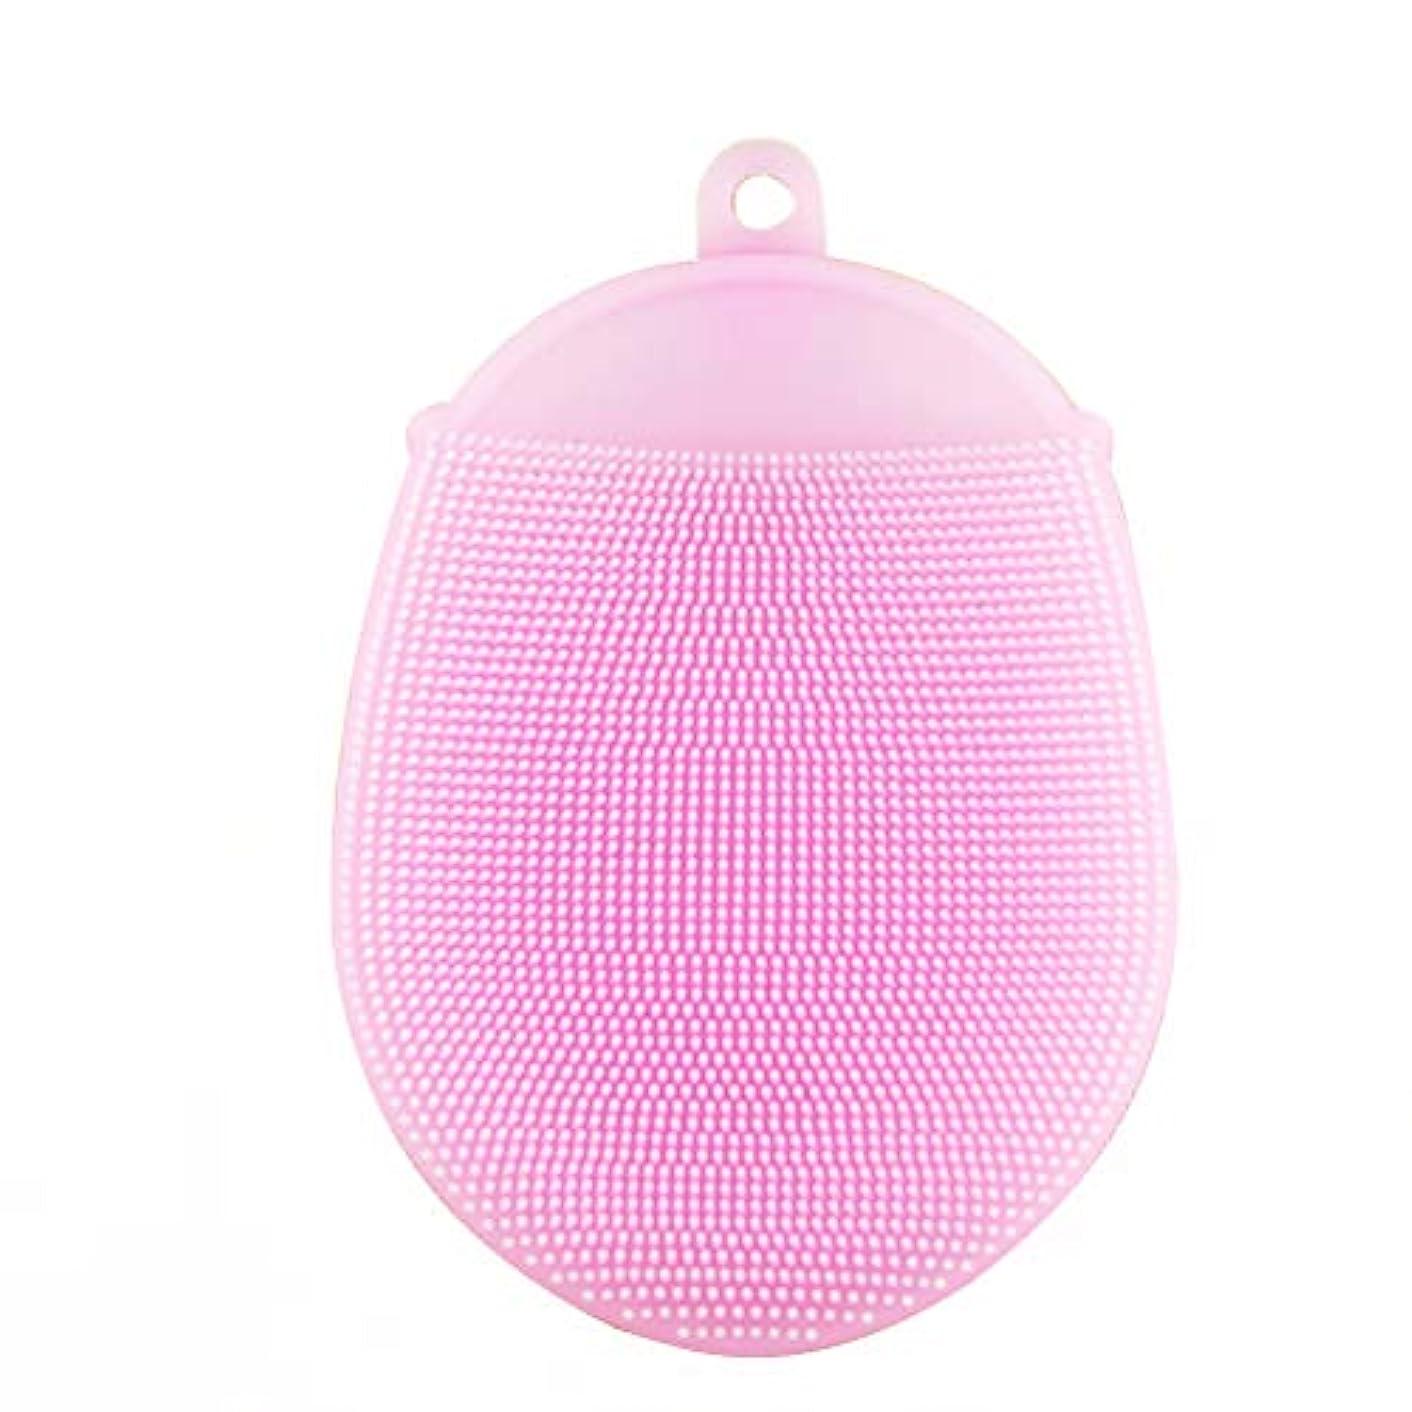 乳製品思慮深い呼吸Healifty ボディブラシ2本シリコン入浴ブラシ抗菌シャワースクラバー洗顔パッド(ピンク)